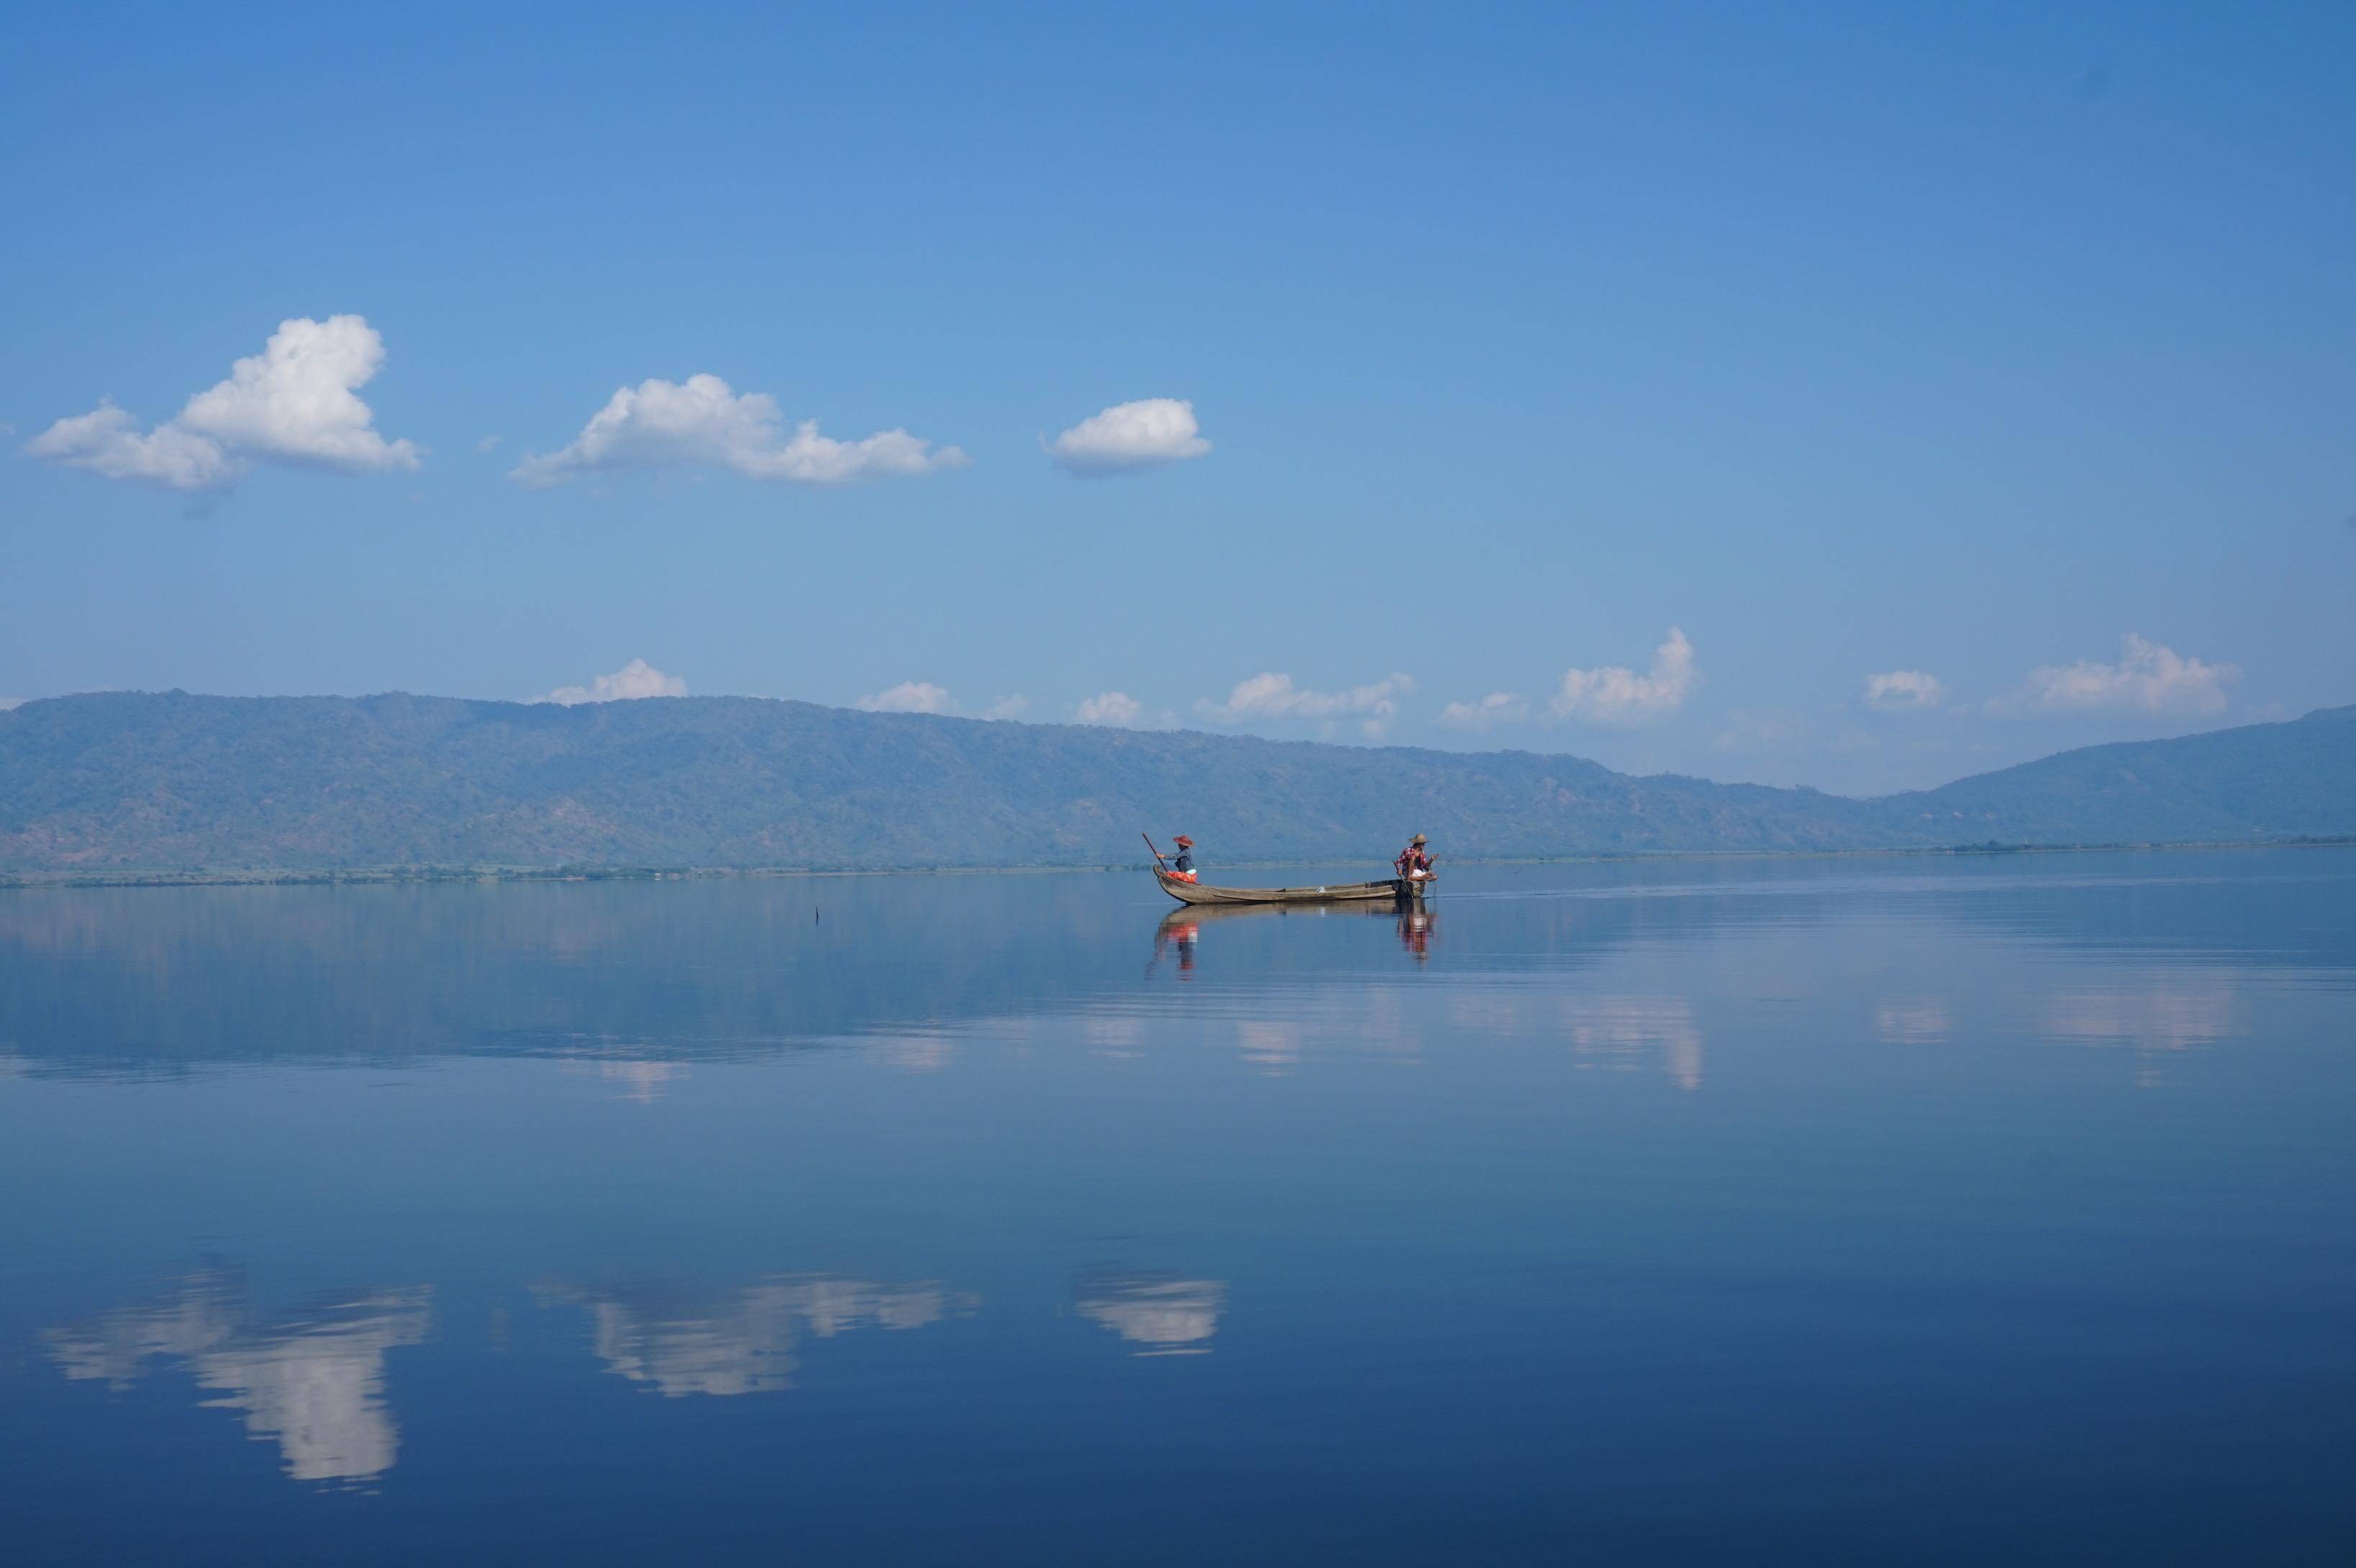 Fisherwomen on the lake